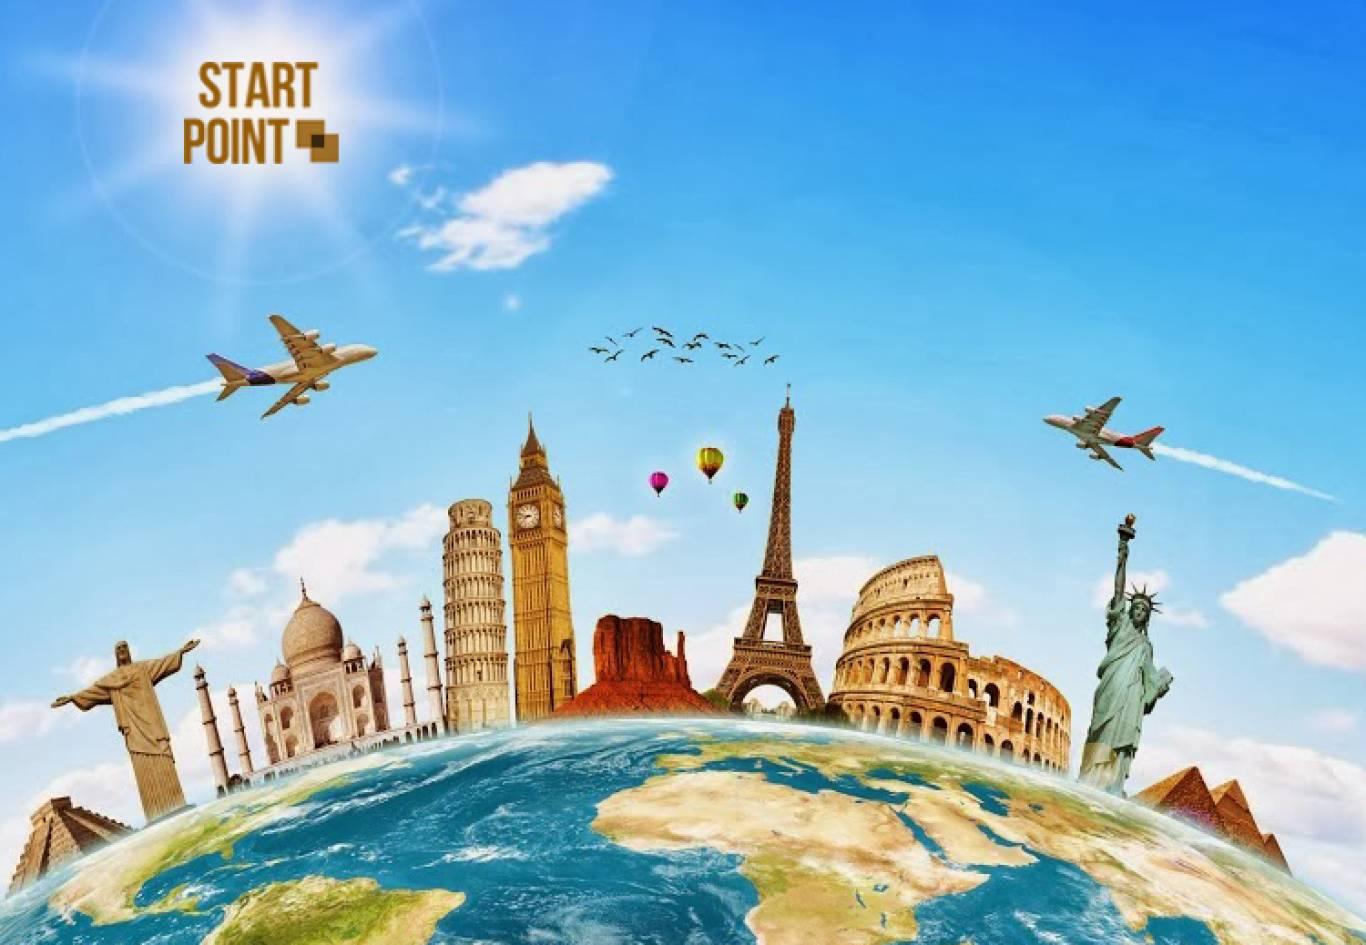 Майстер-клас в Hub 4.0: Tripmydream - кращий travel-стартап  ділитиметься ідеями